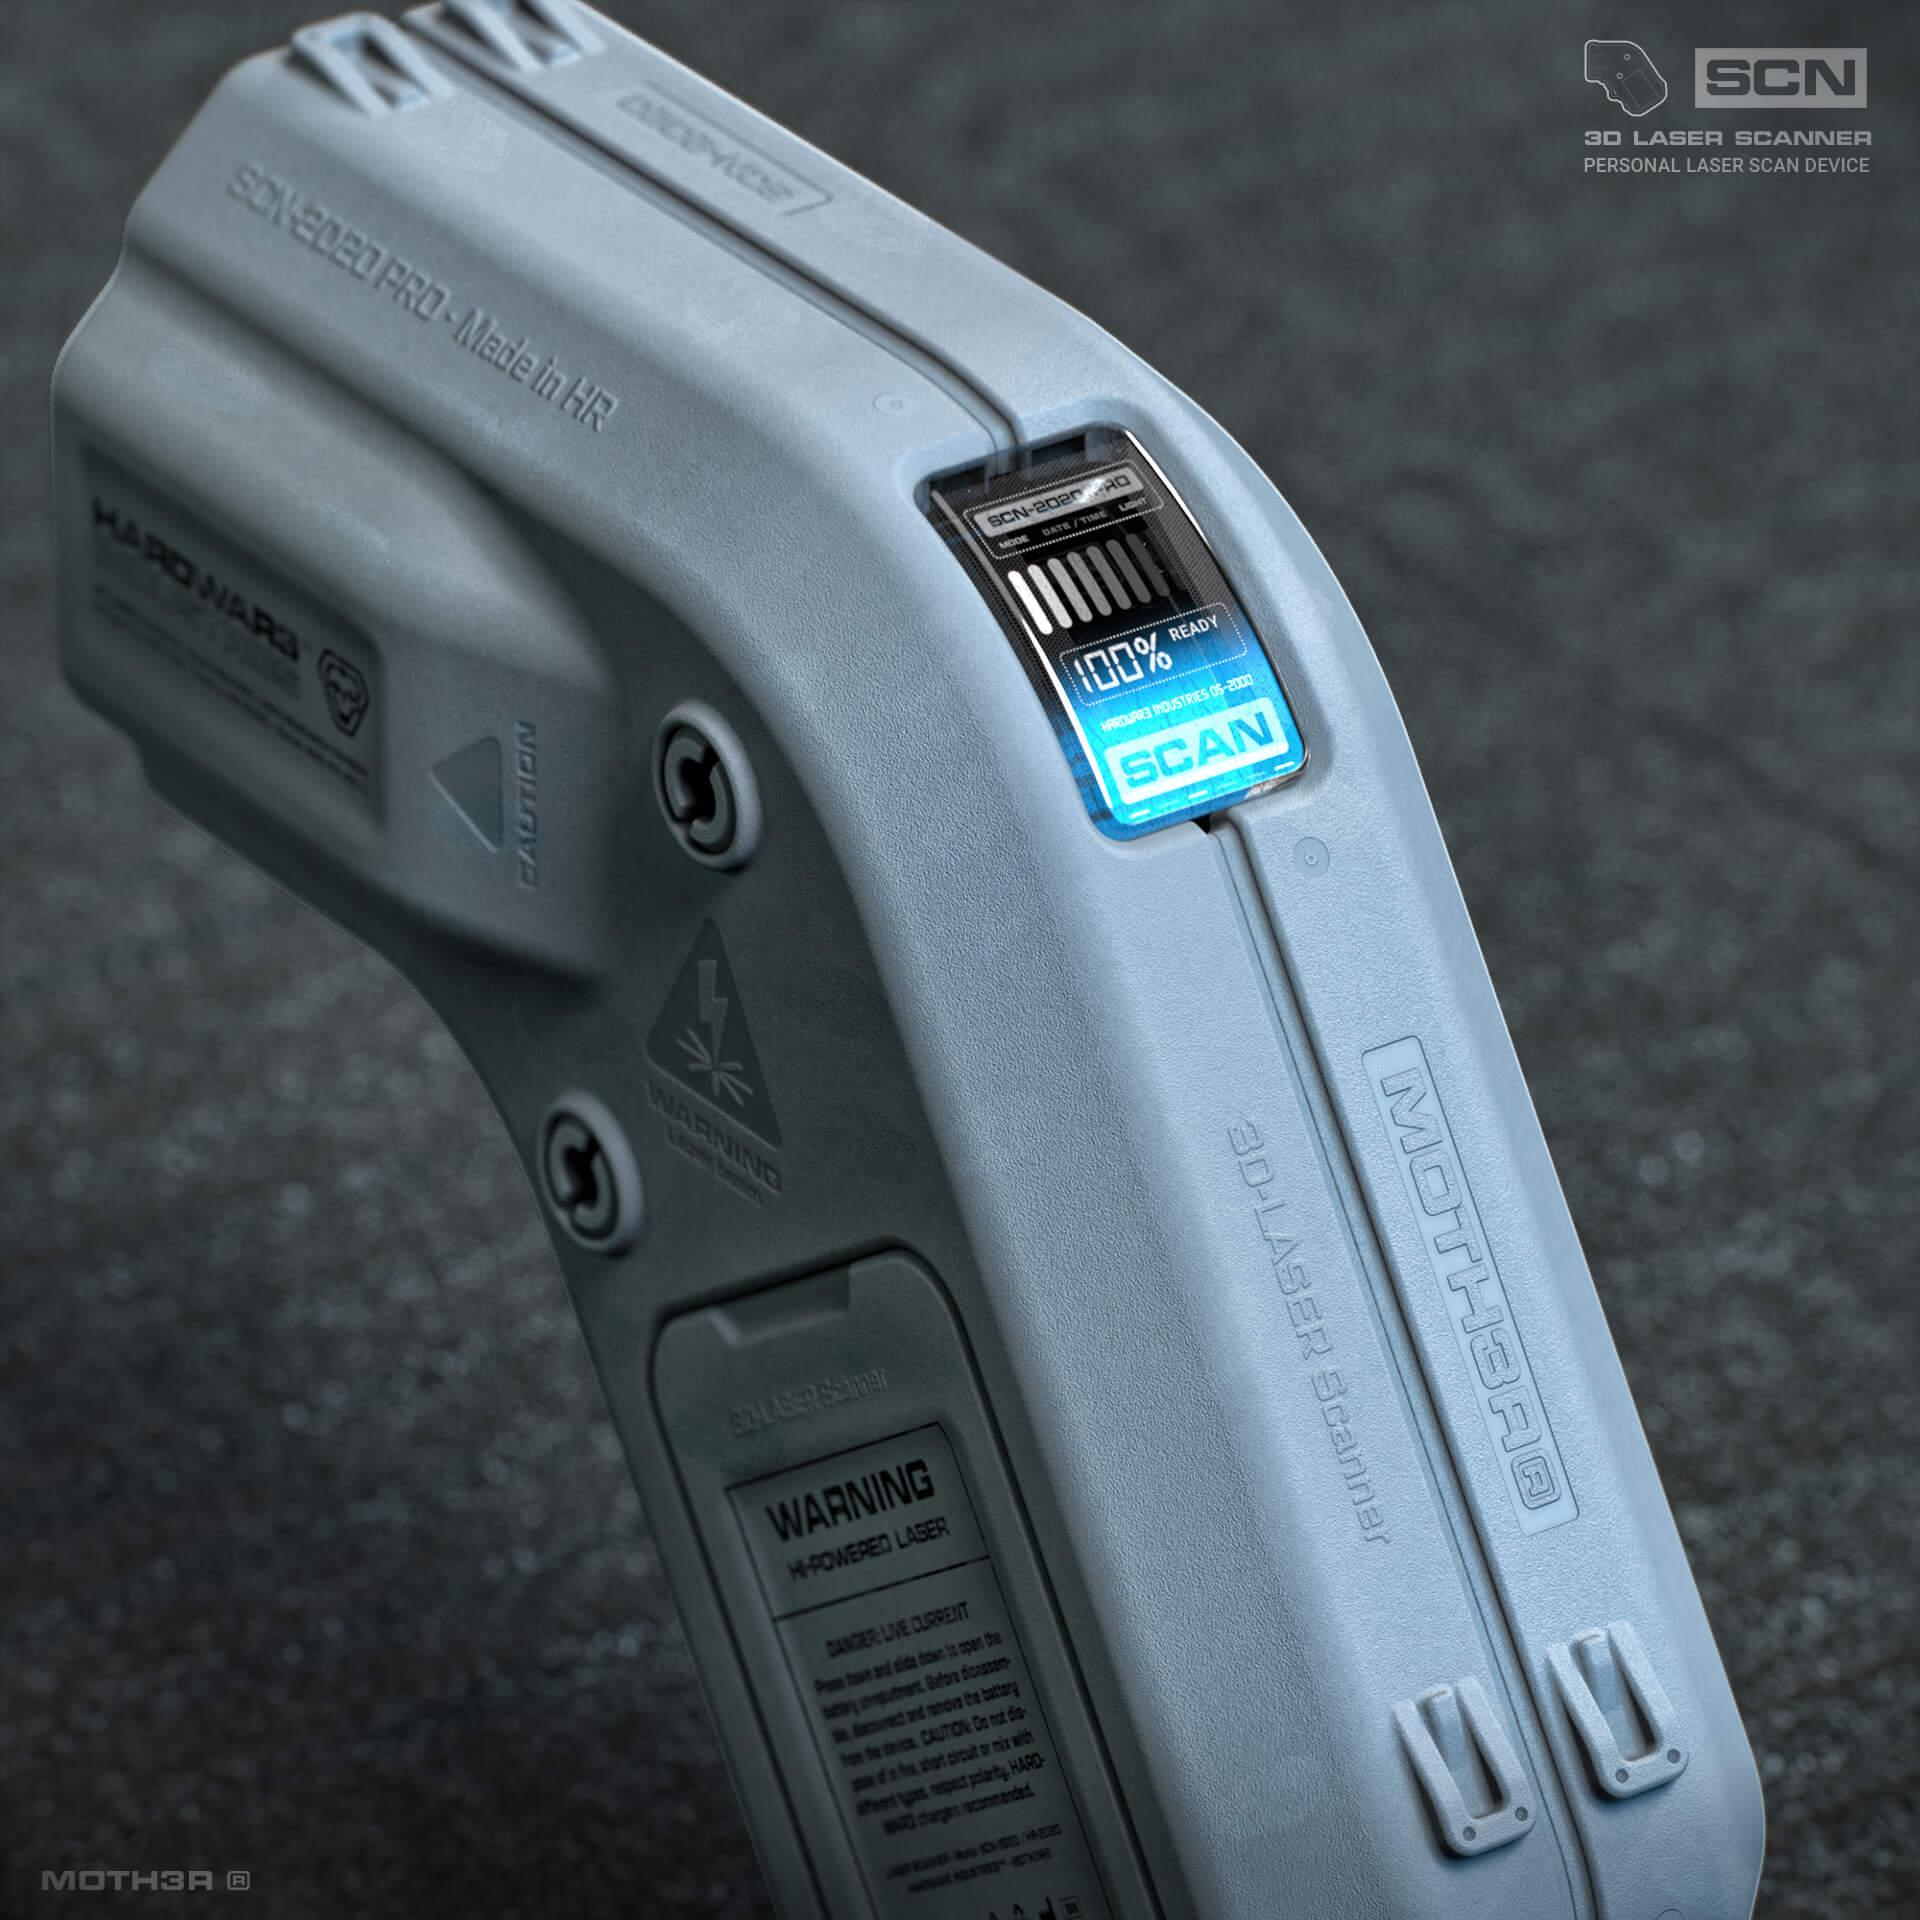 Scanner-001.83